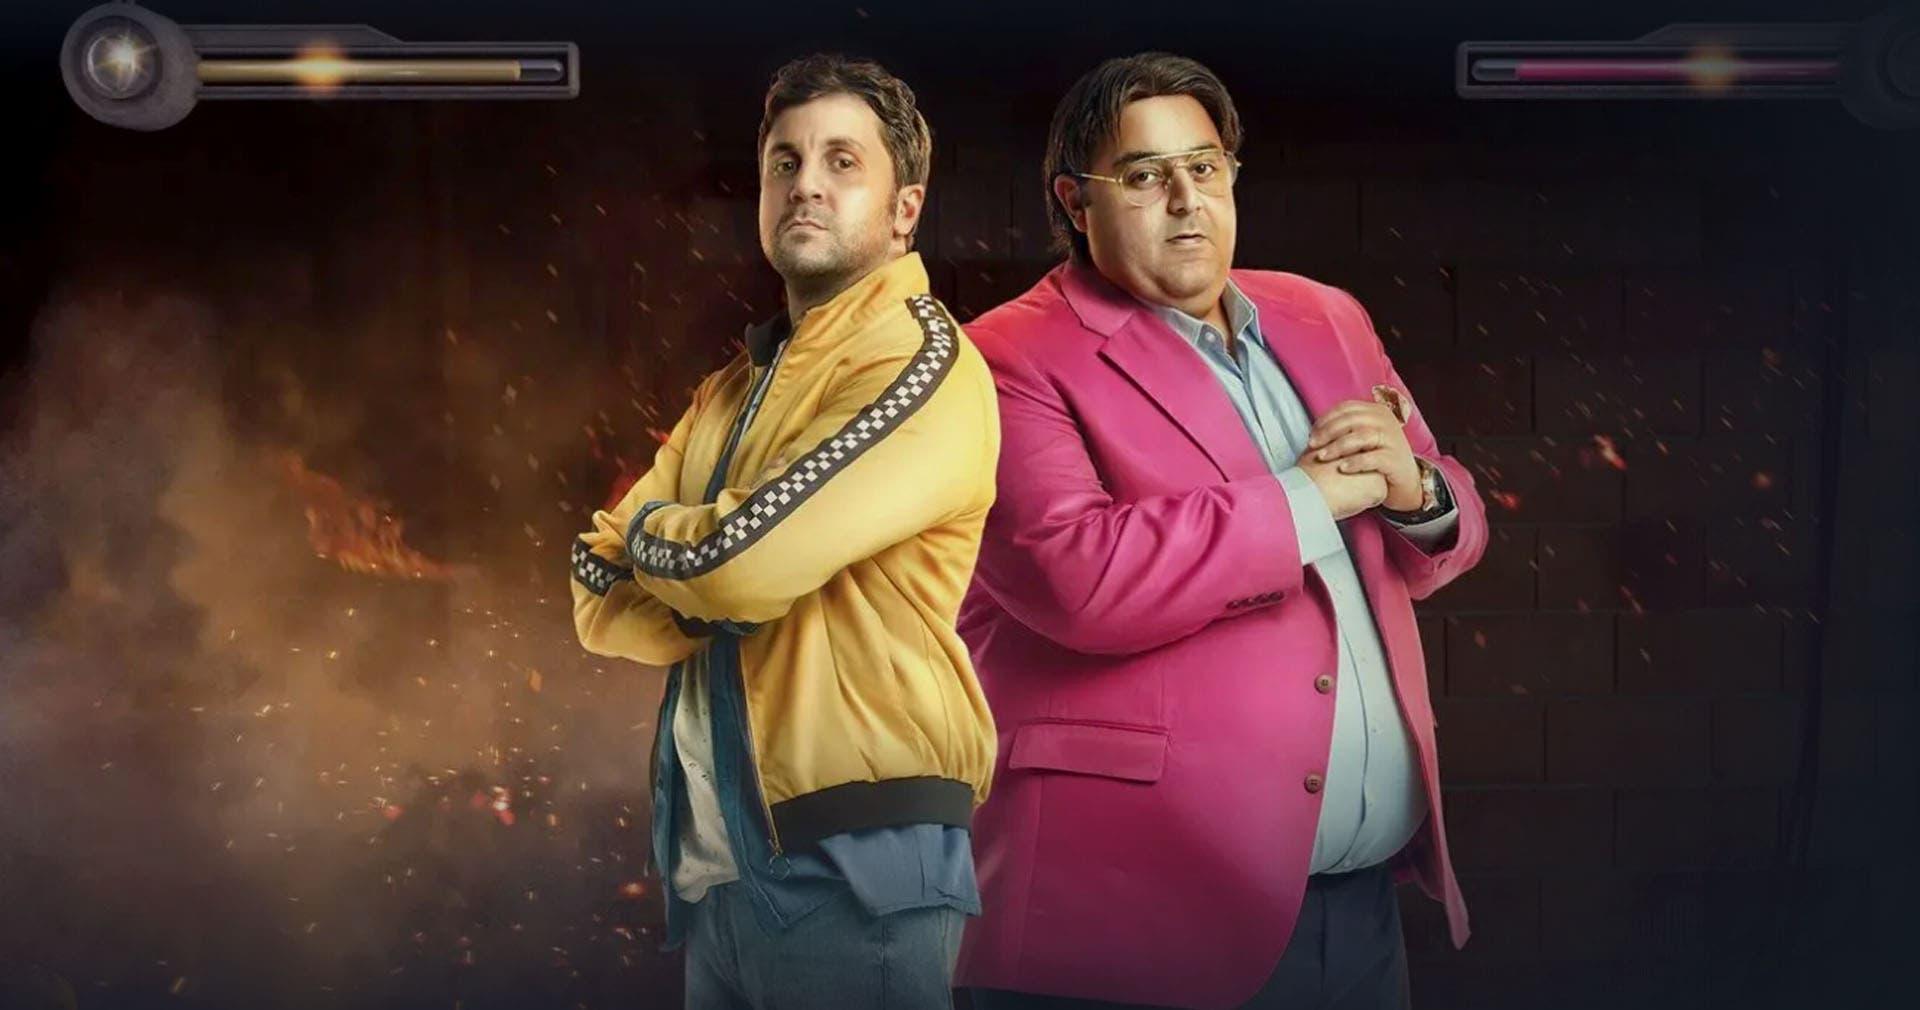 شيكو وهشام ماجد من مسلسل اللعبة